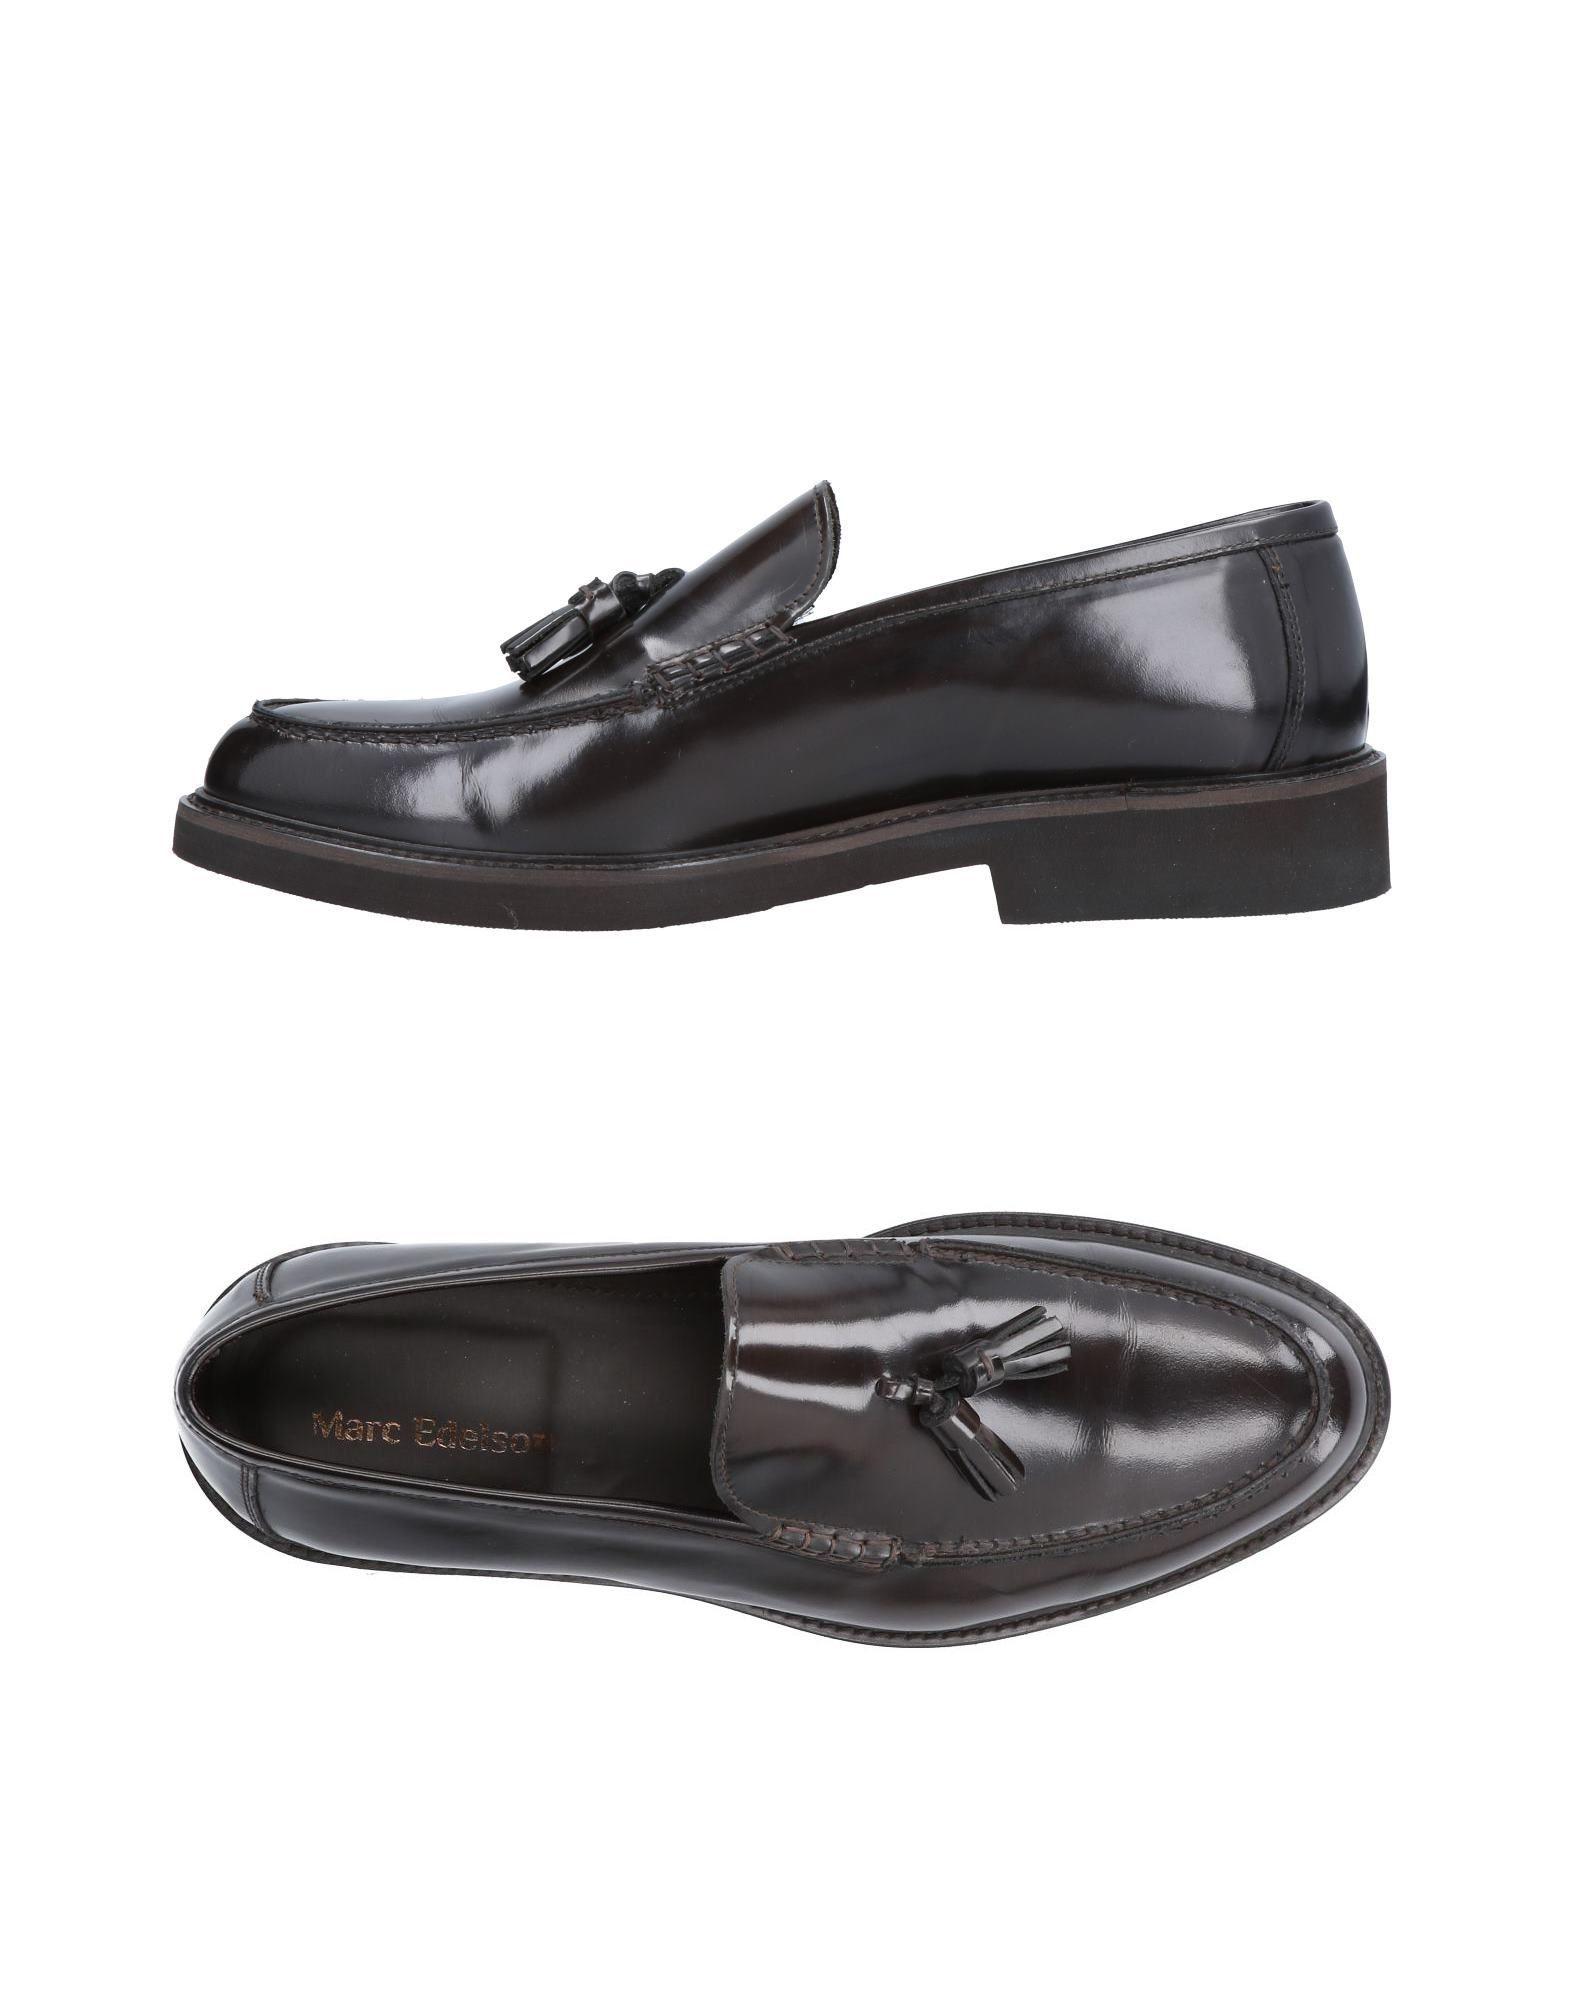 Rabatt Mokassins echte Schuhe Marc Edelson Mokassins Rabatt Herren  11495981DR f77c6a